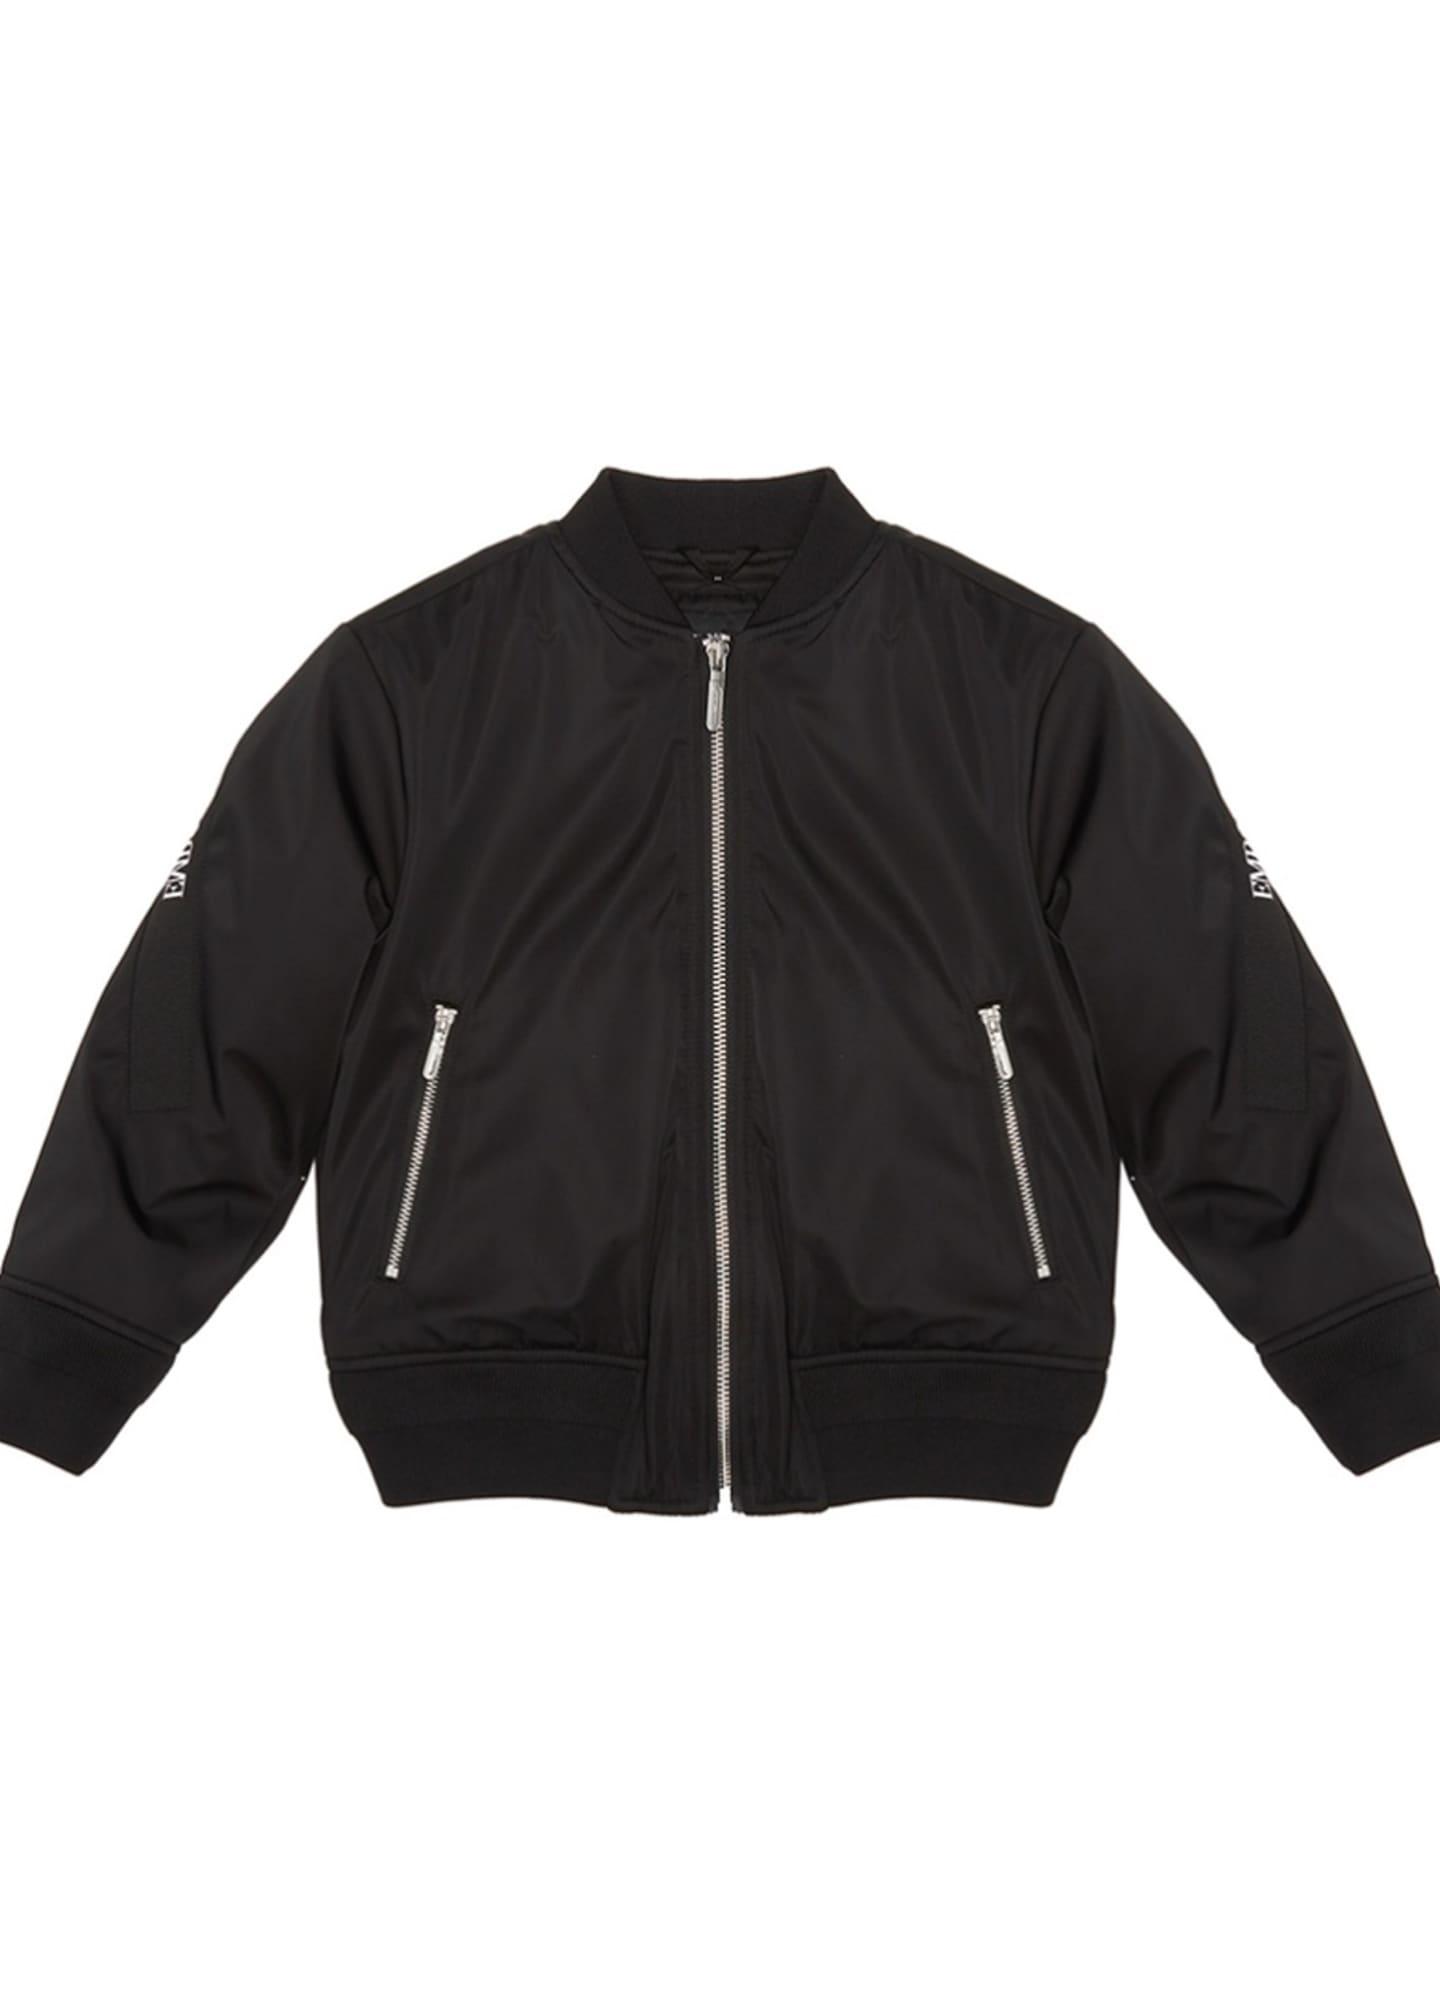 Emporio Armani Boy's Bomber Jacket w/ Logo Taping,